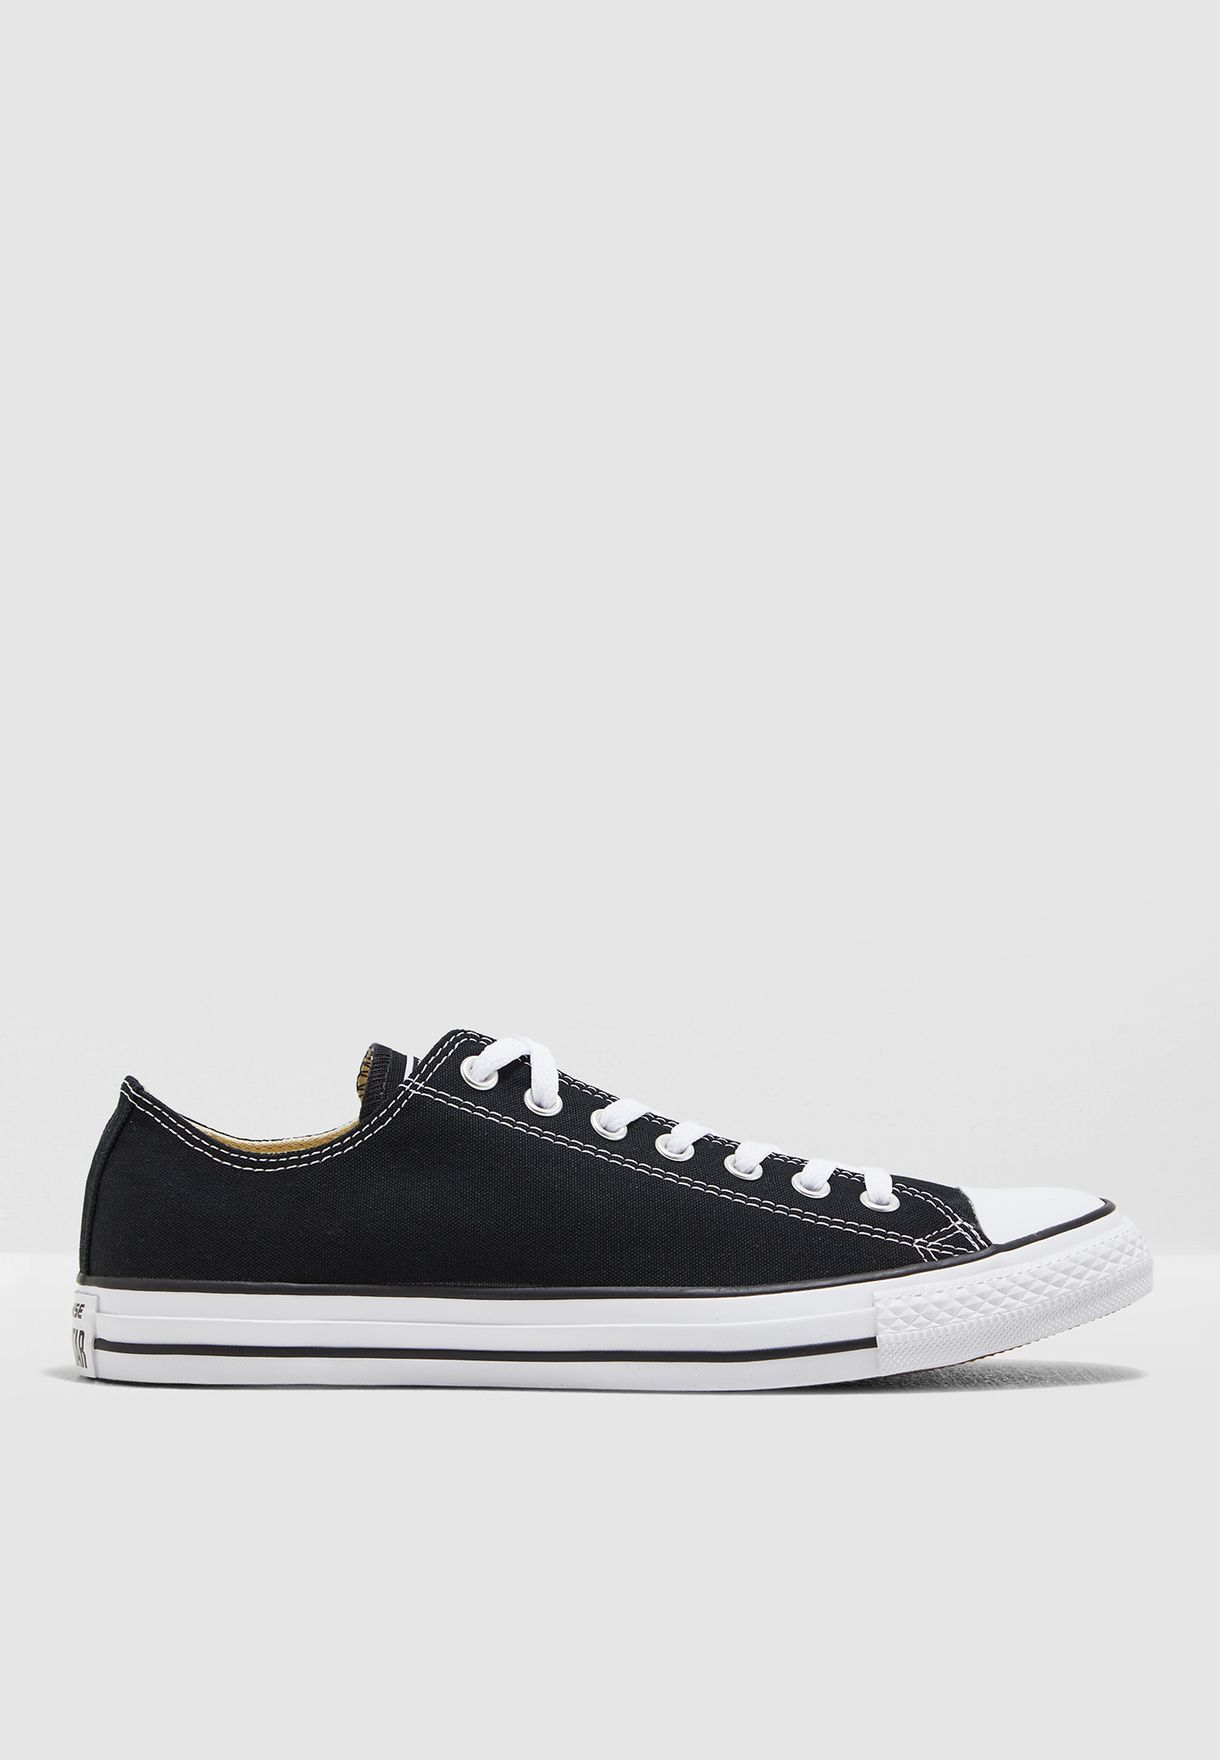 حذاء شانك تايلور اول ستار